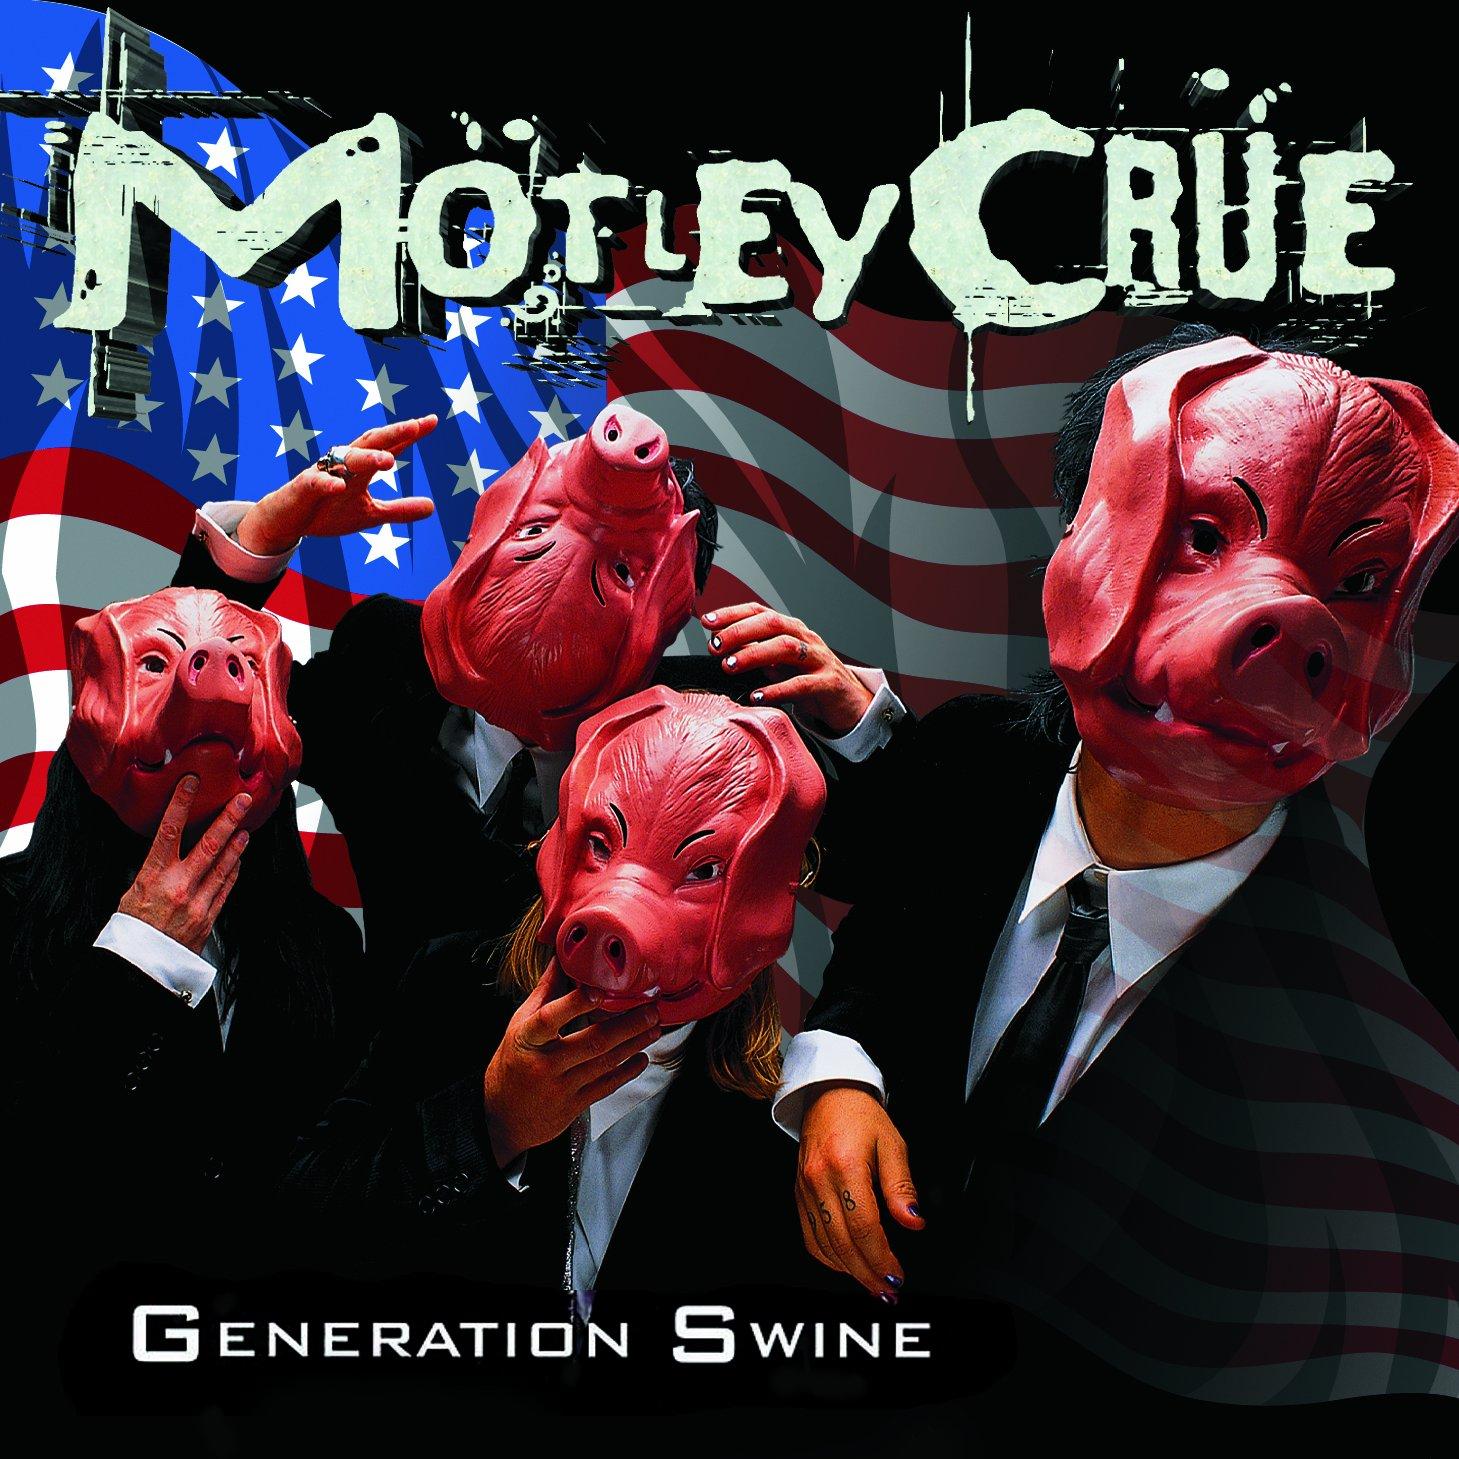 CD : Motley Crue - Generation Swine [Explicit Content] (CD)